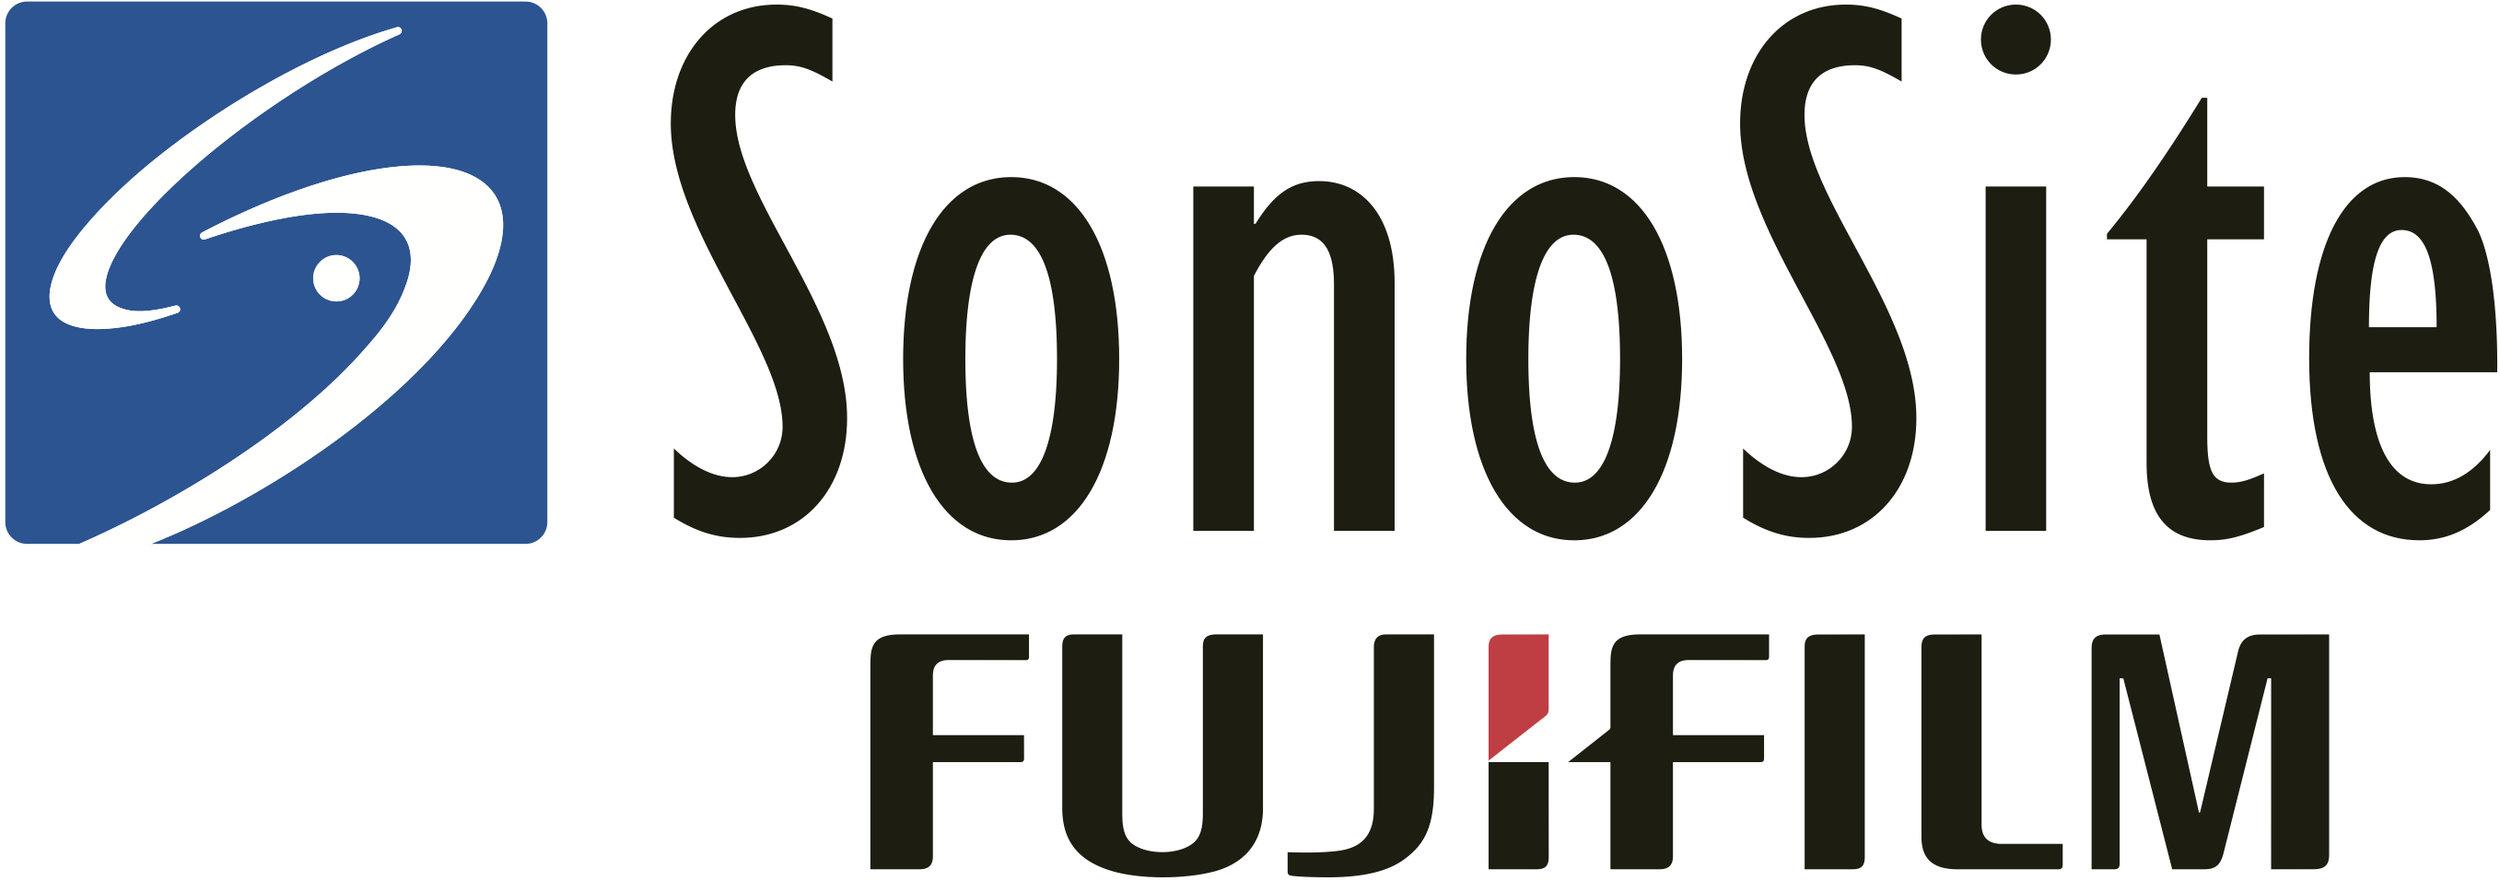 FUJIFILM SonoSite.jpg